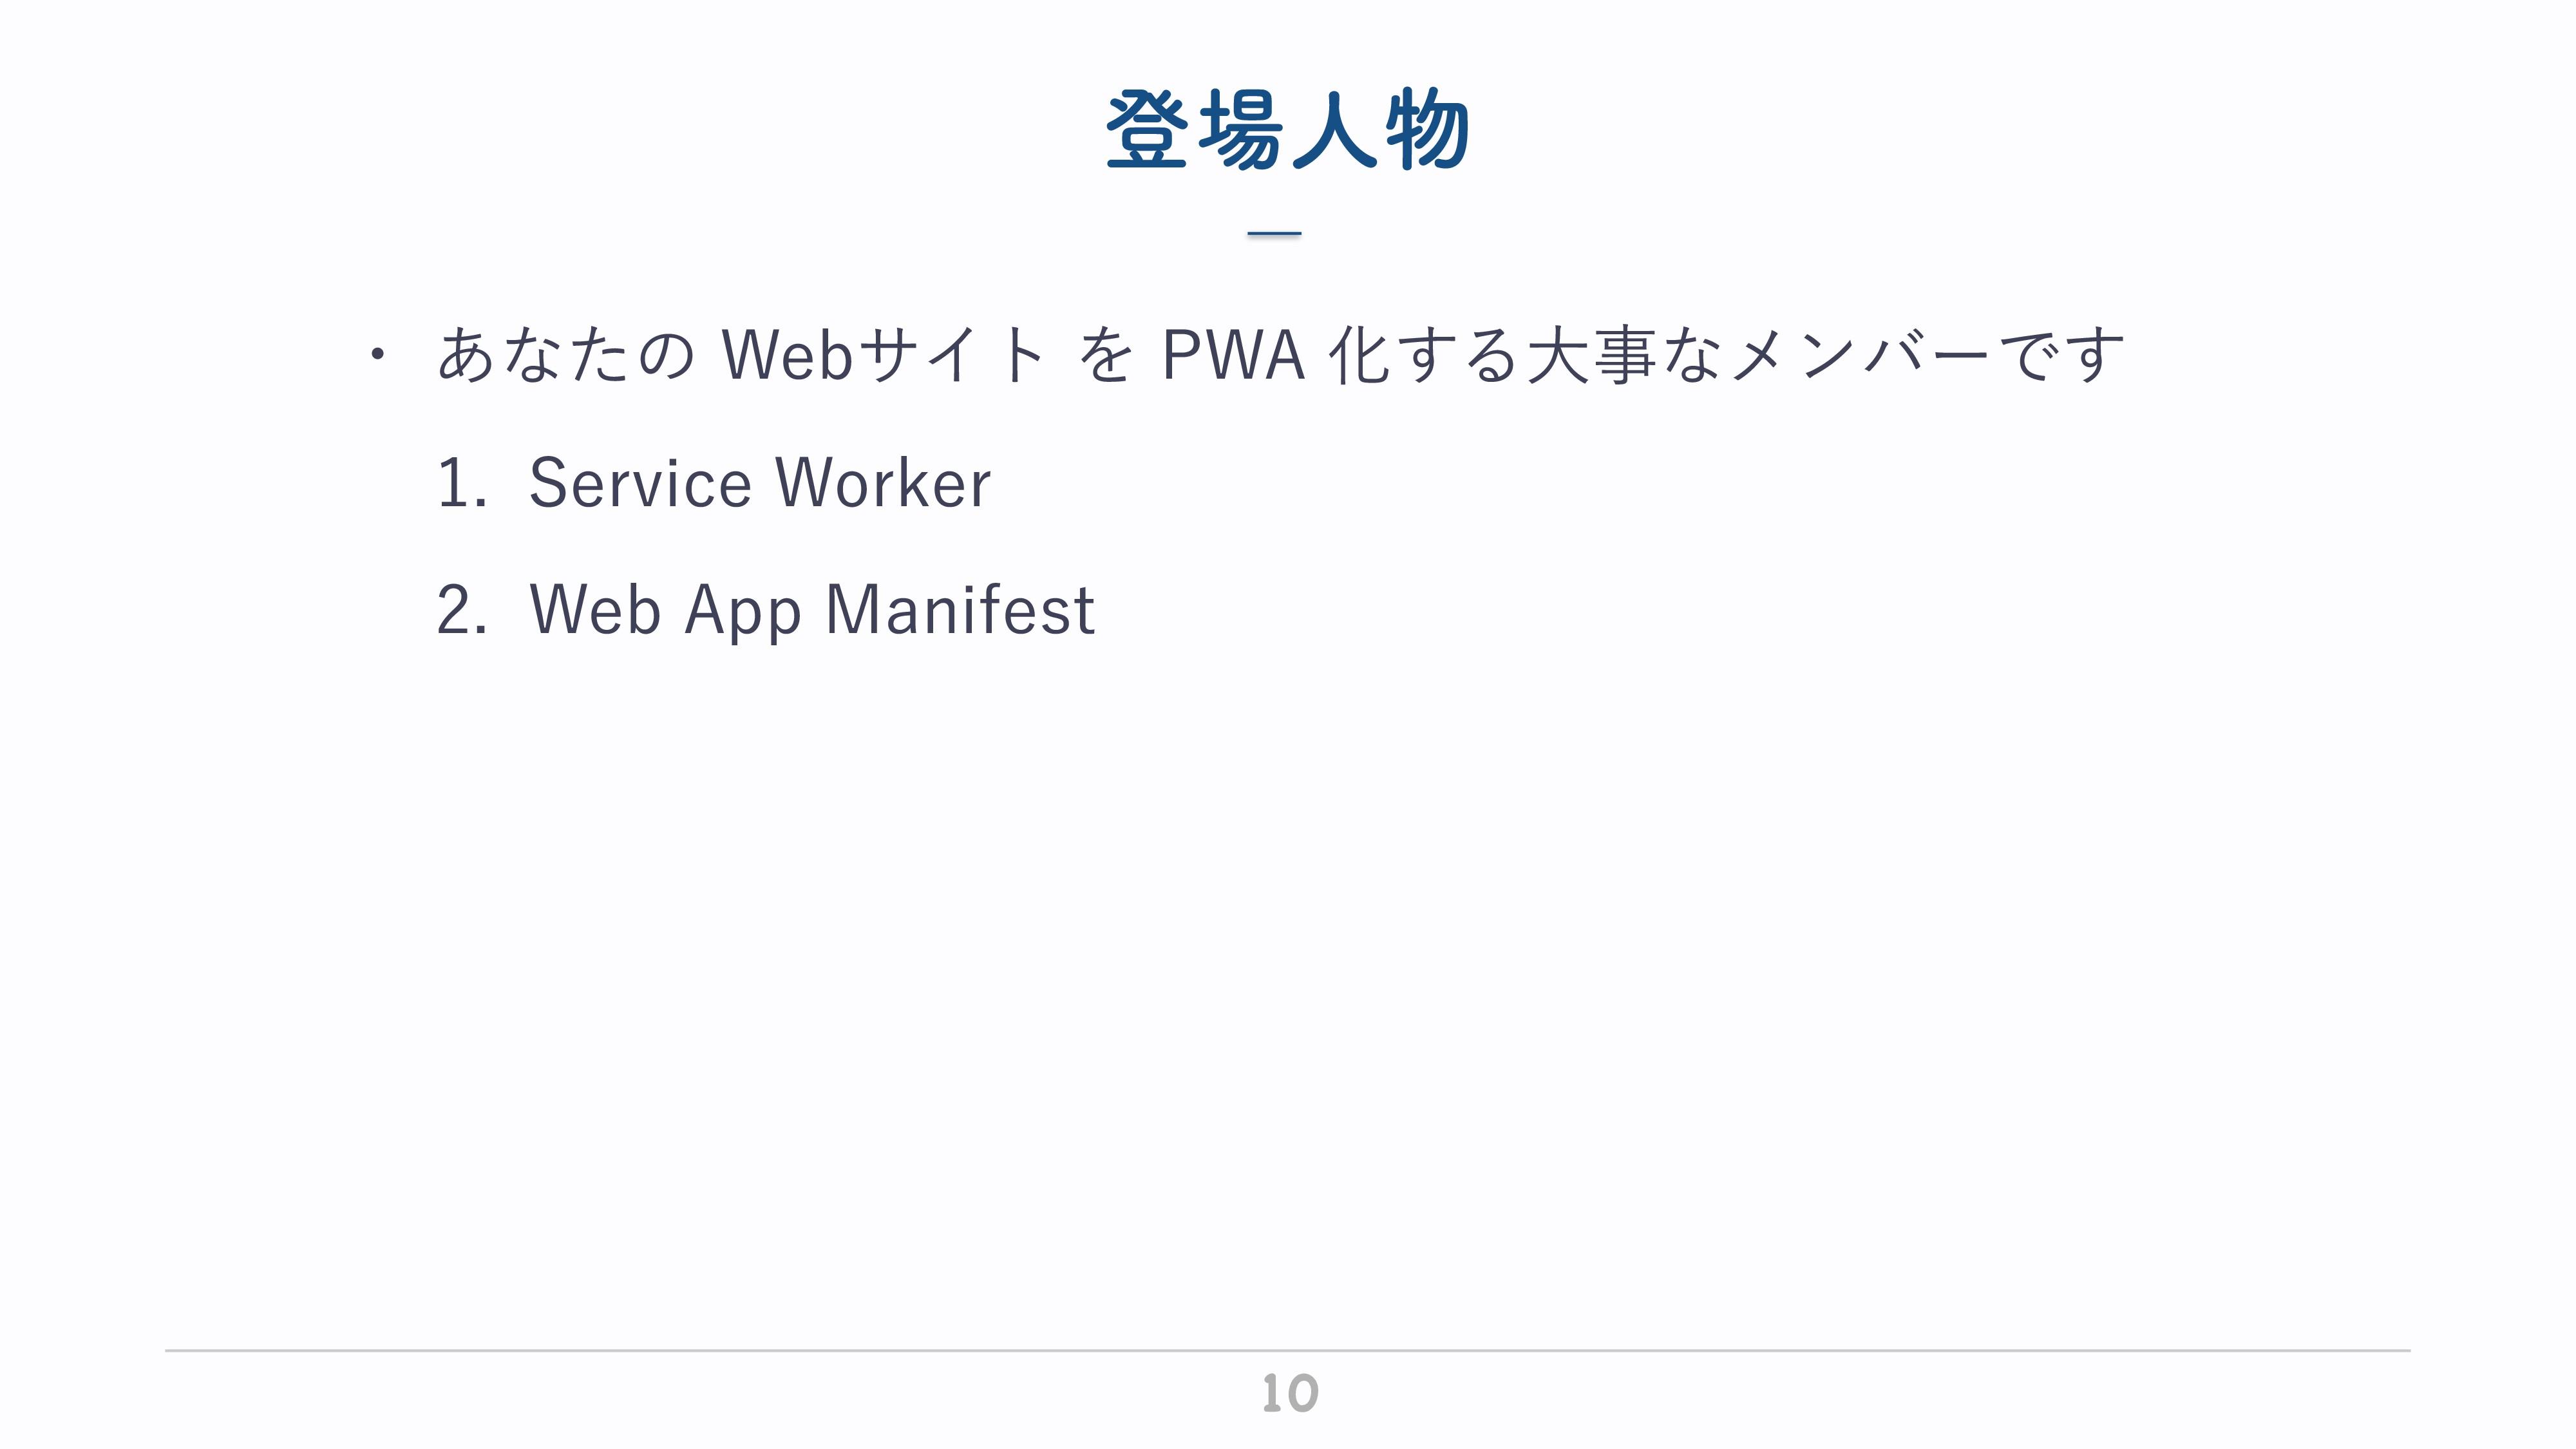 """w ͋ͳͨͷ8FCαΠτΛ18""""Խ͢ΔେͳϝϯόʔͰ͢  4FSWJDF8P..."""